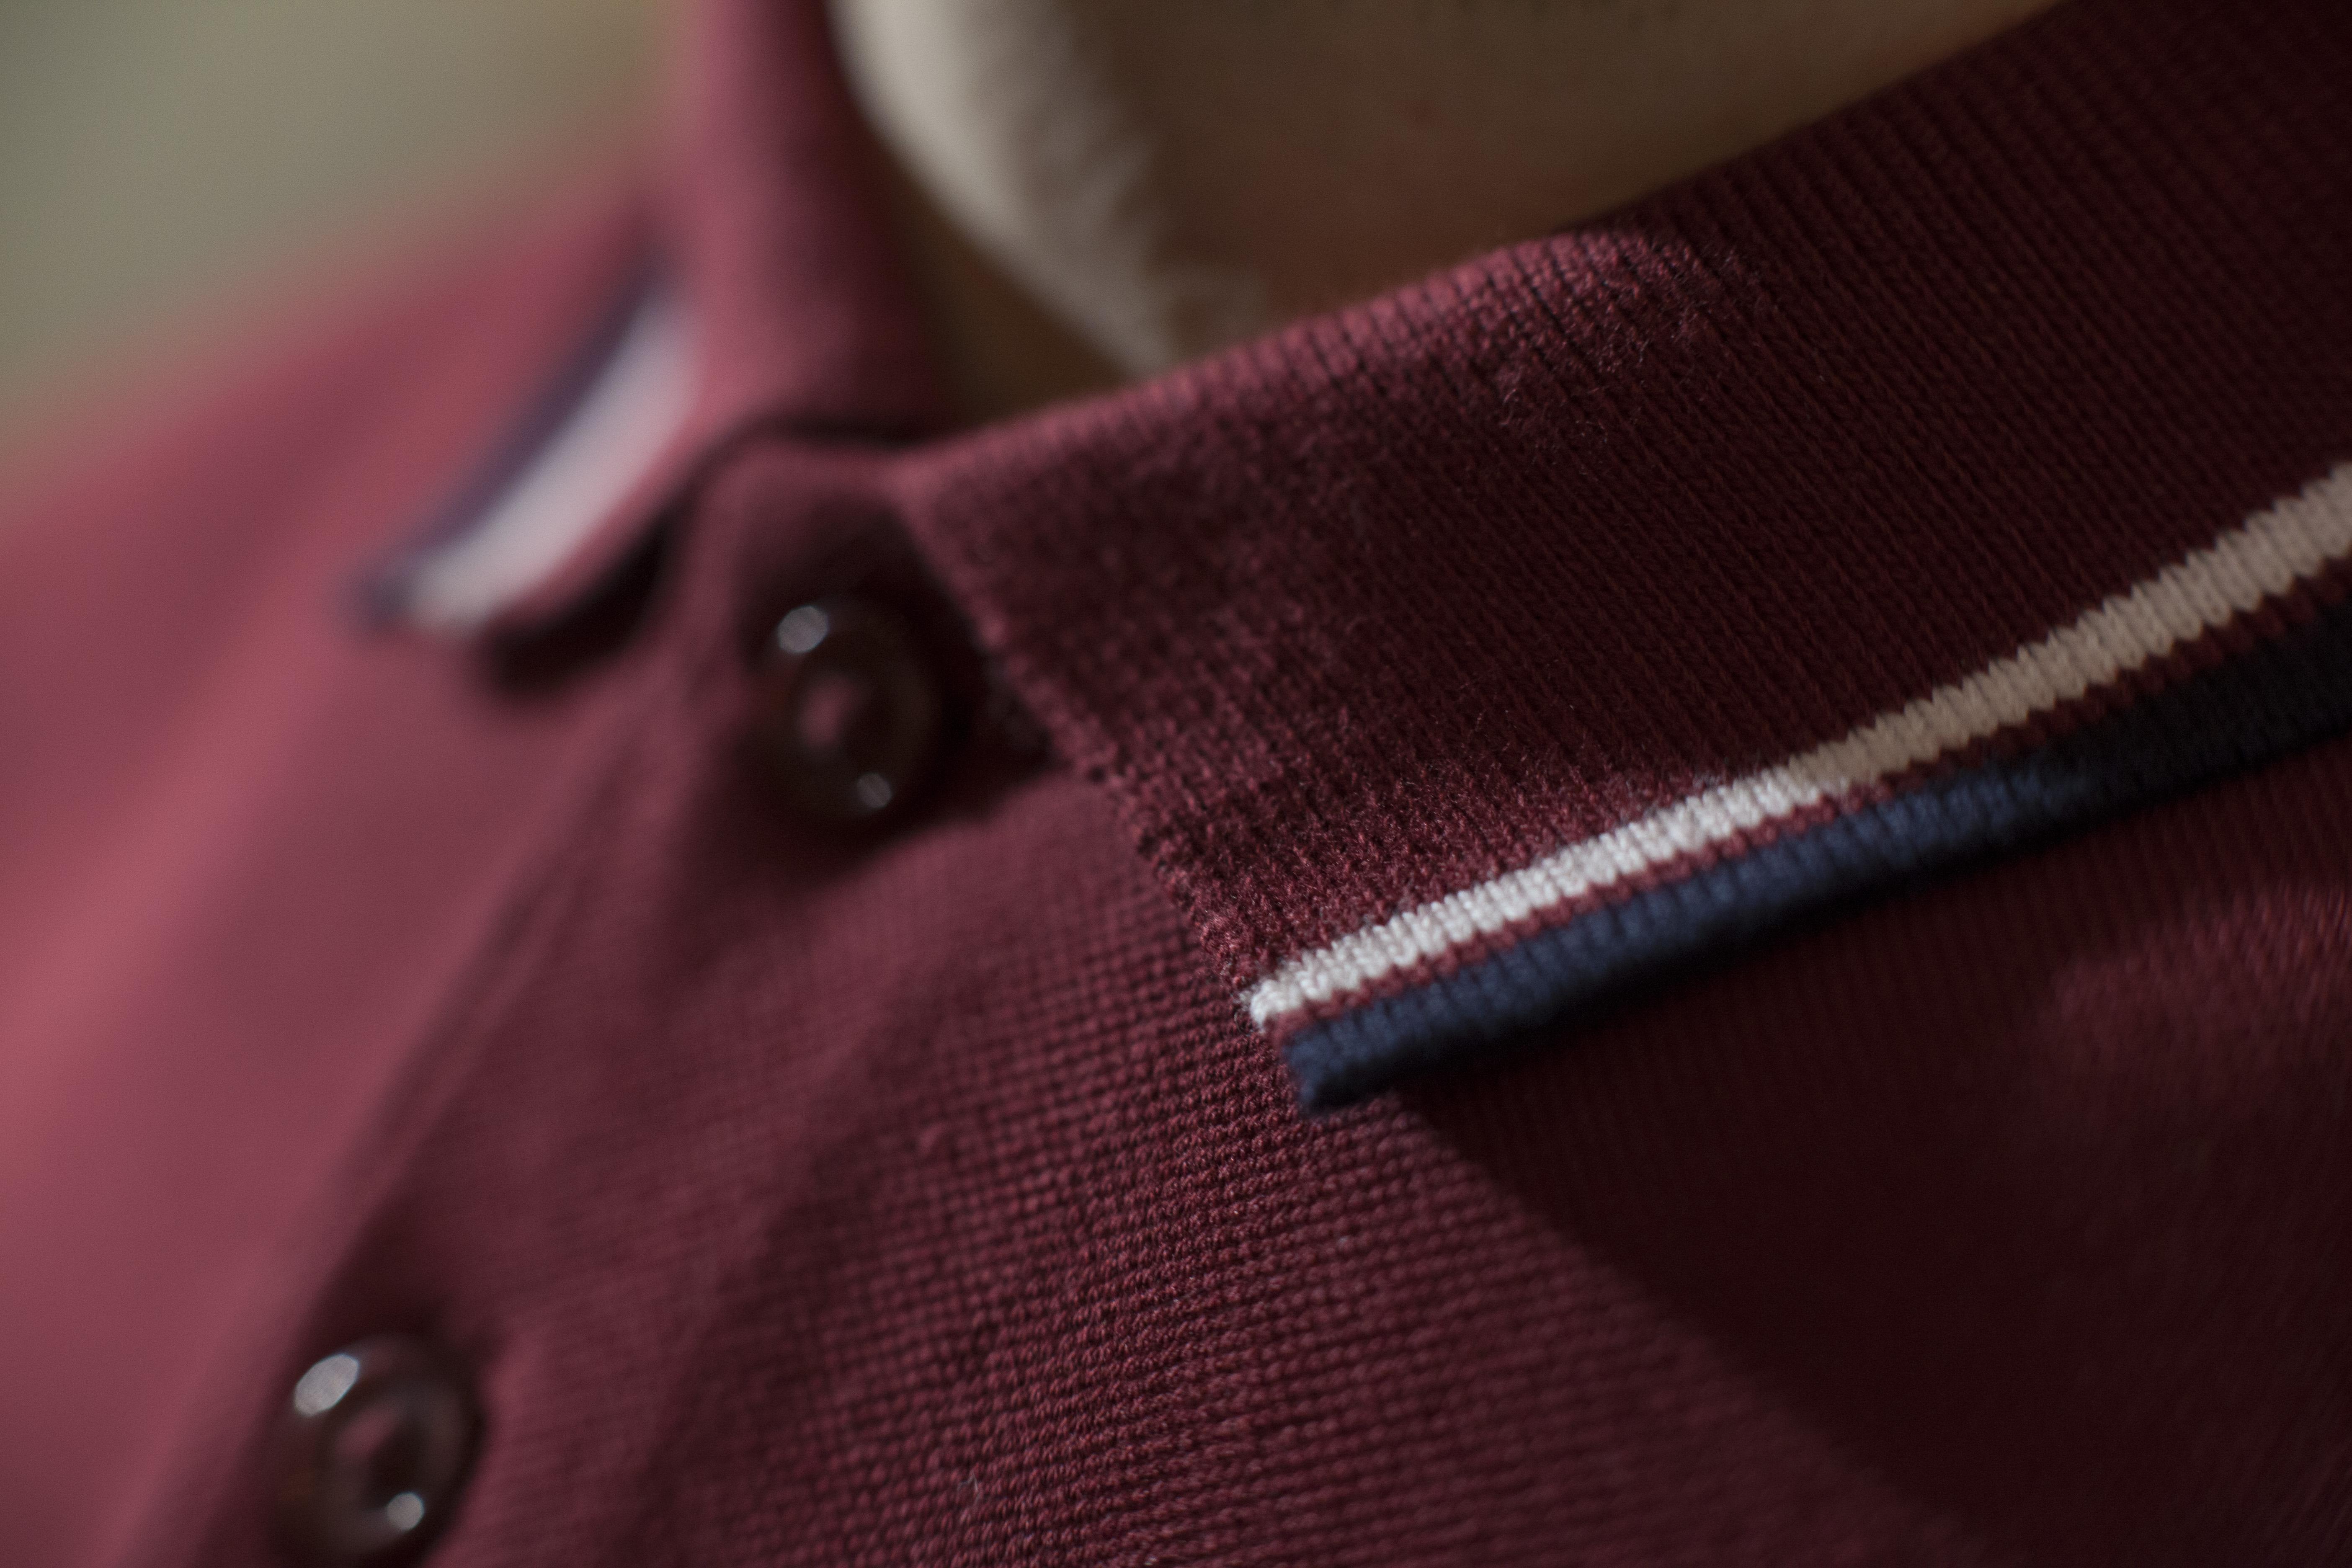 Polo collar detail